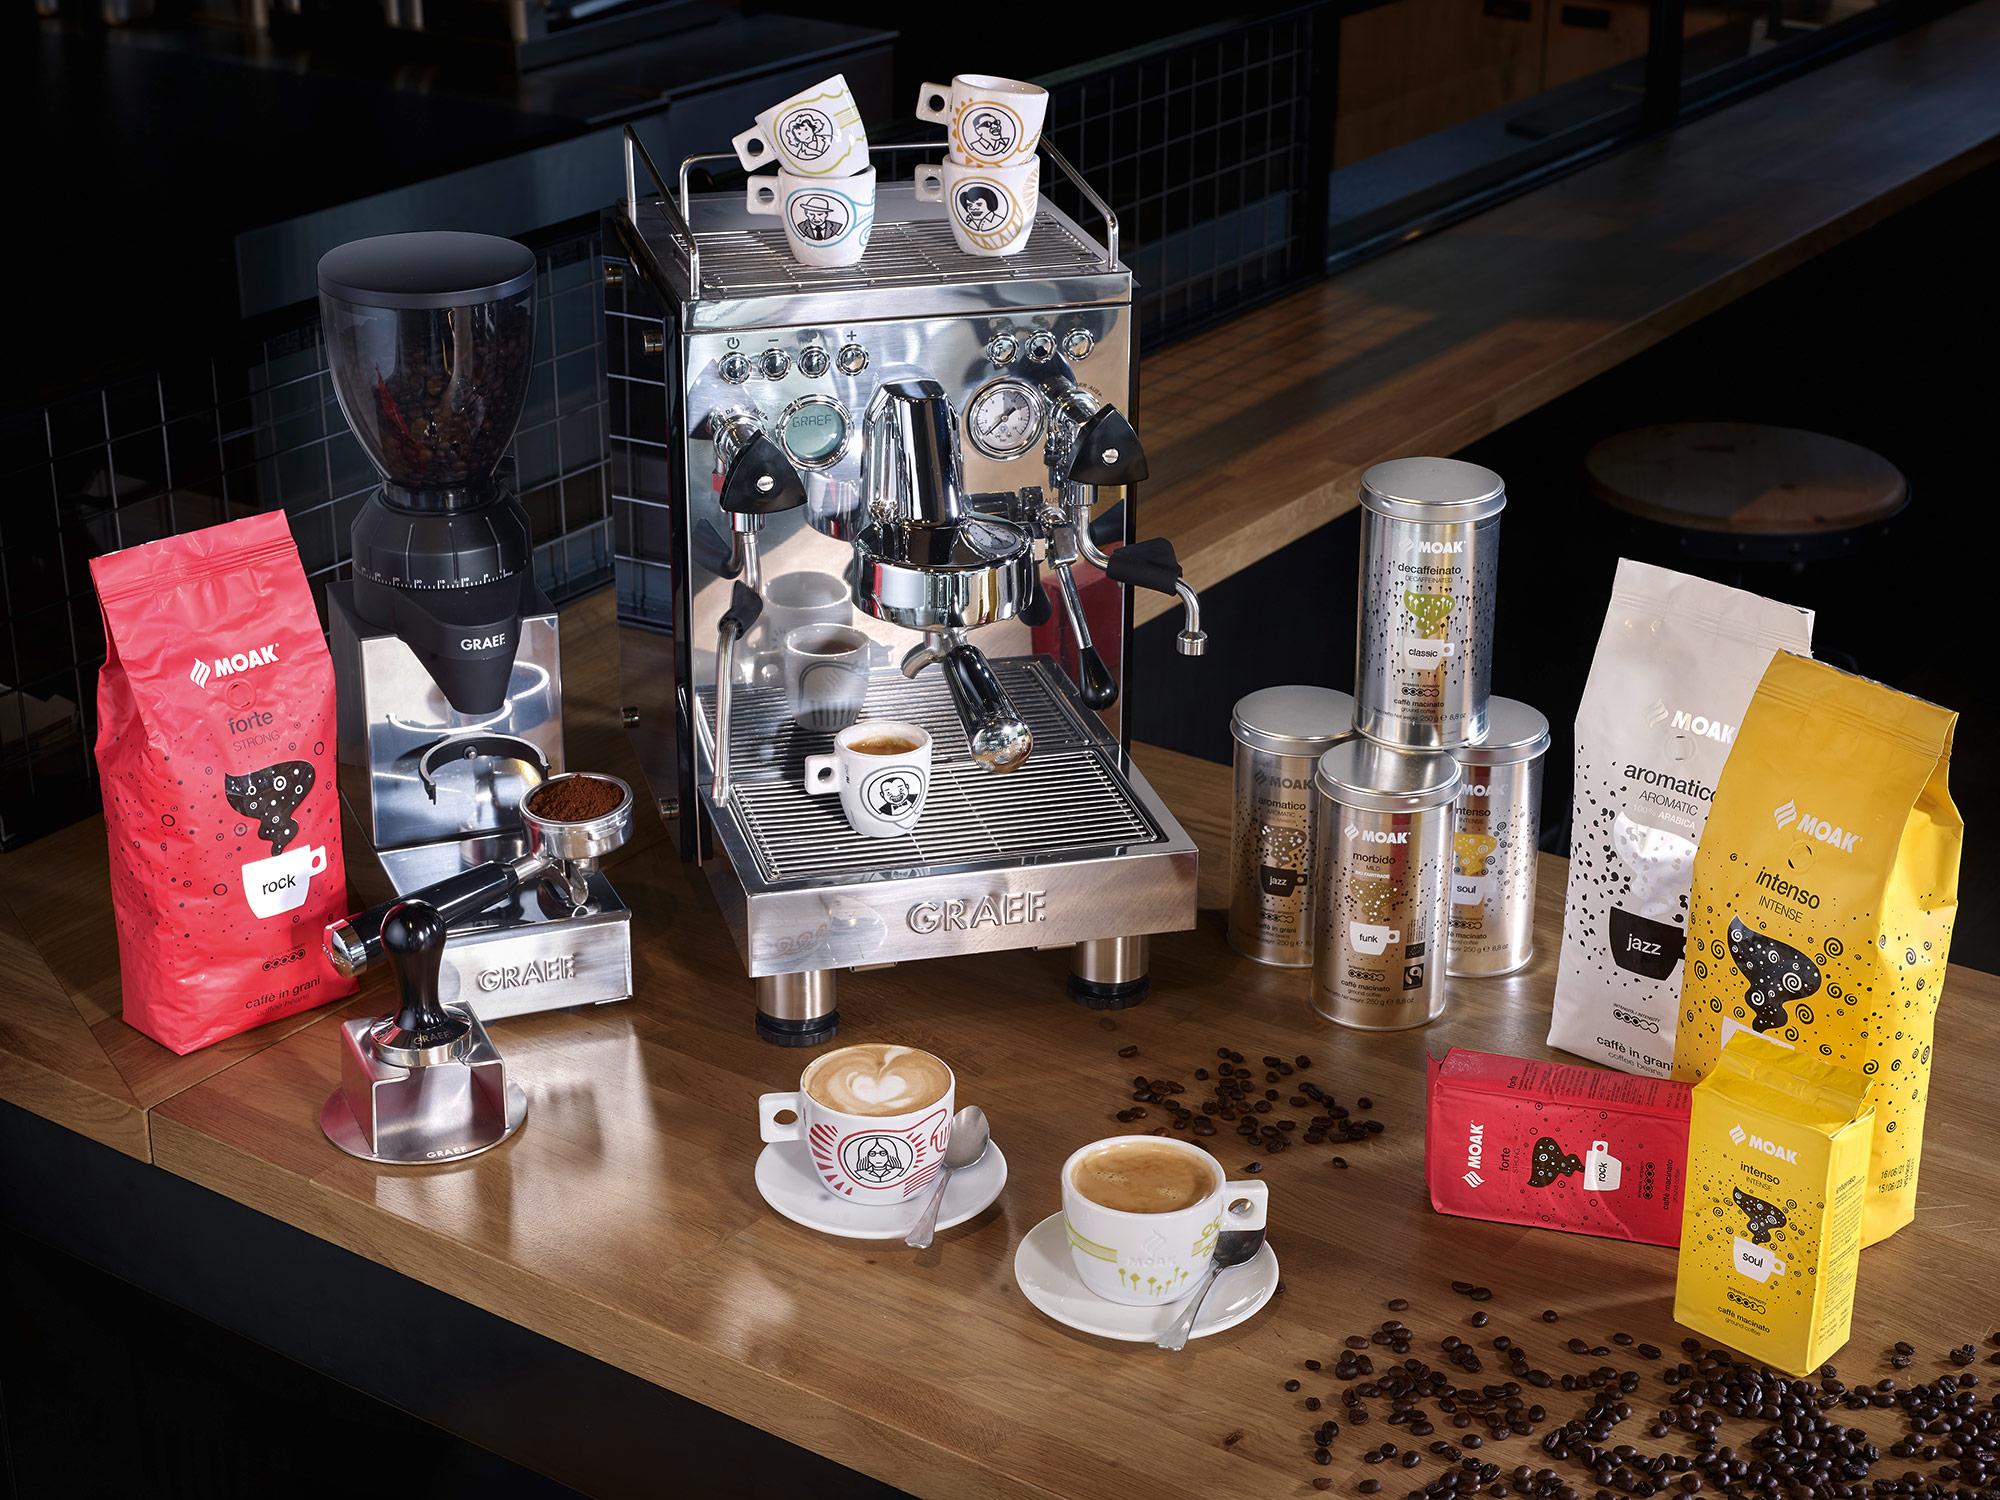 Doppelte Familienpower: GRAEF und Caffè Moak starten auf deutschem Kaffeemarkt gemeinsam durch